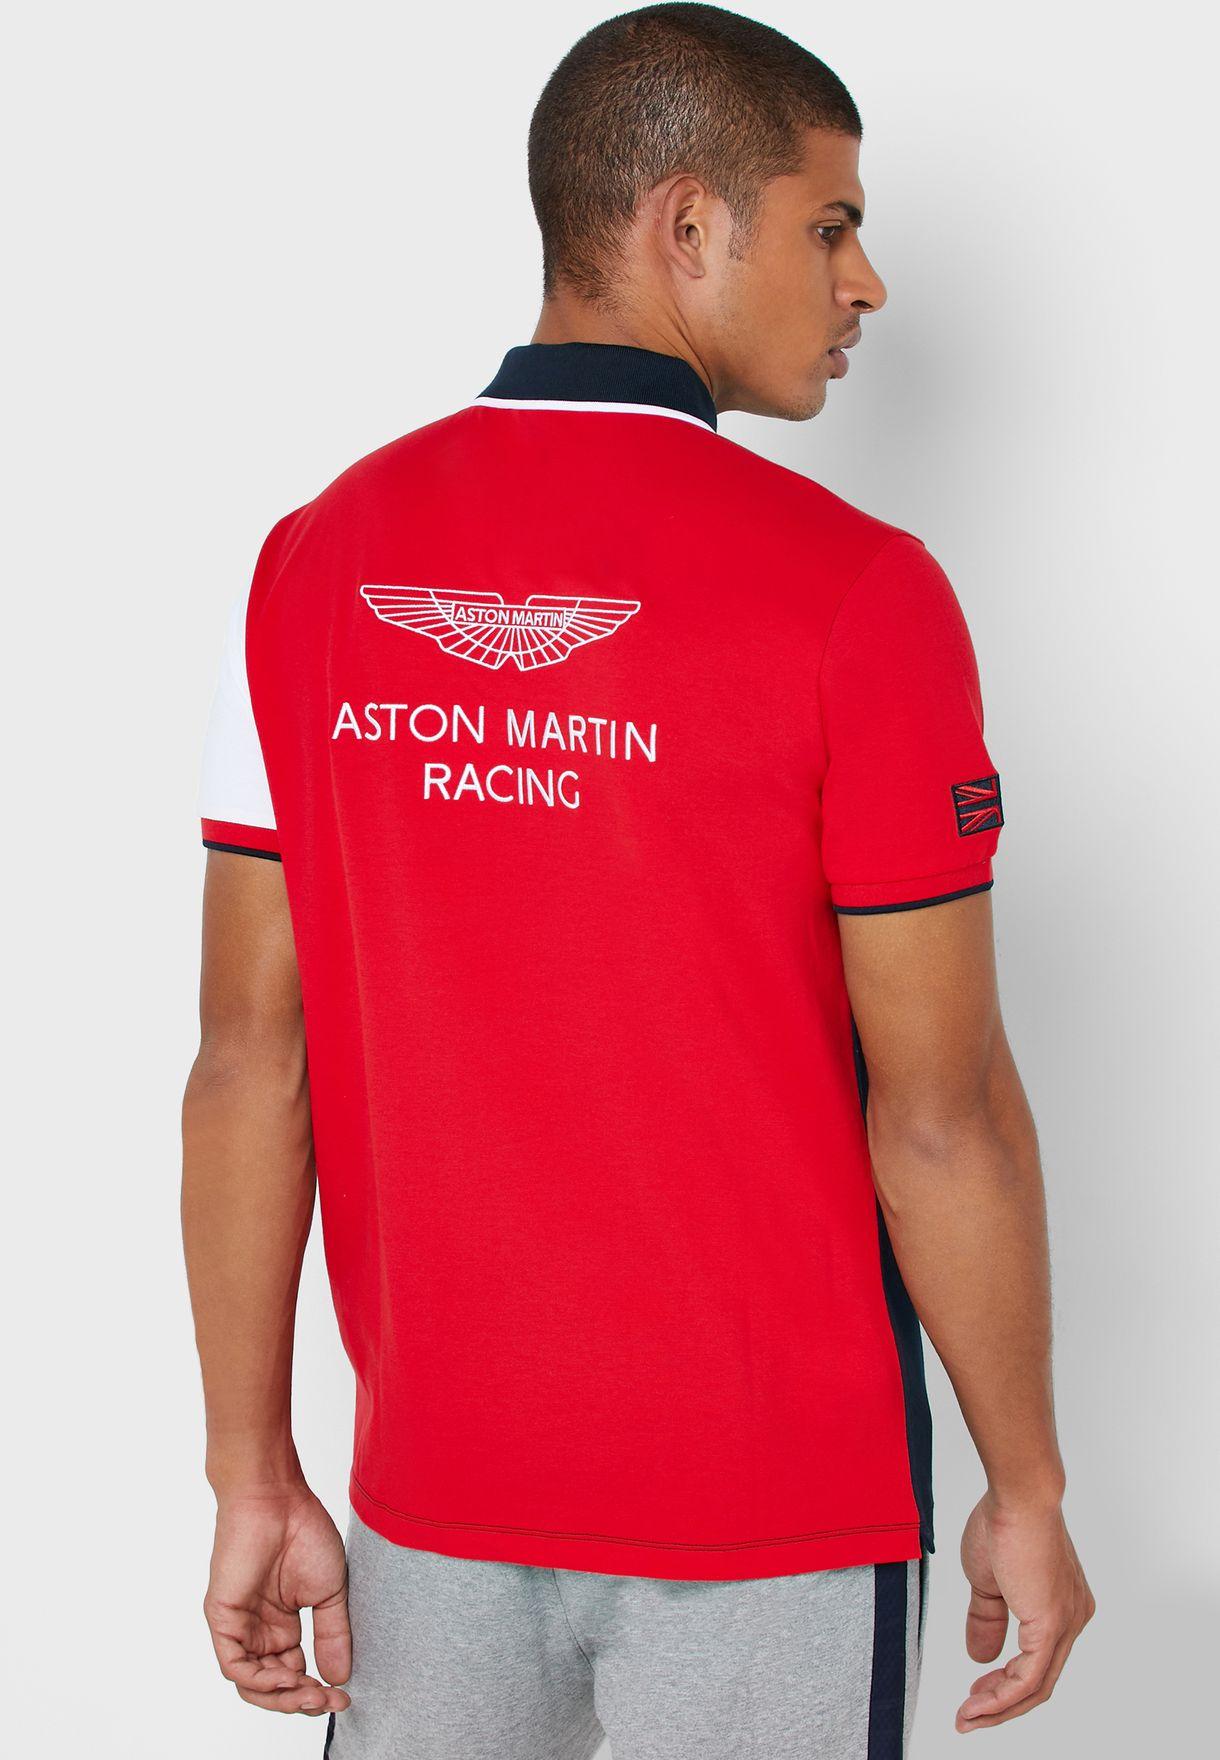 تيشيرت بشعار سباق أستون مارتن